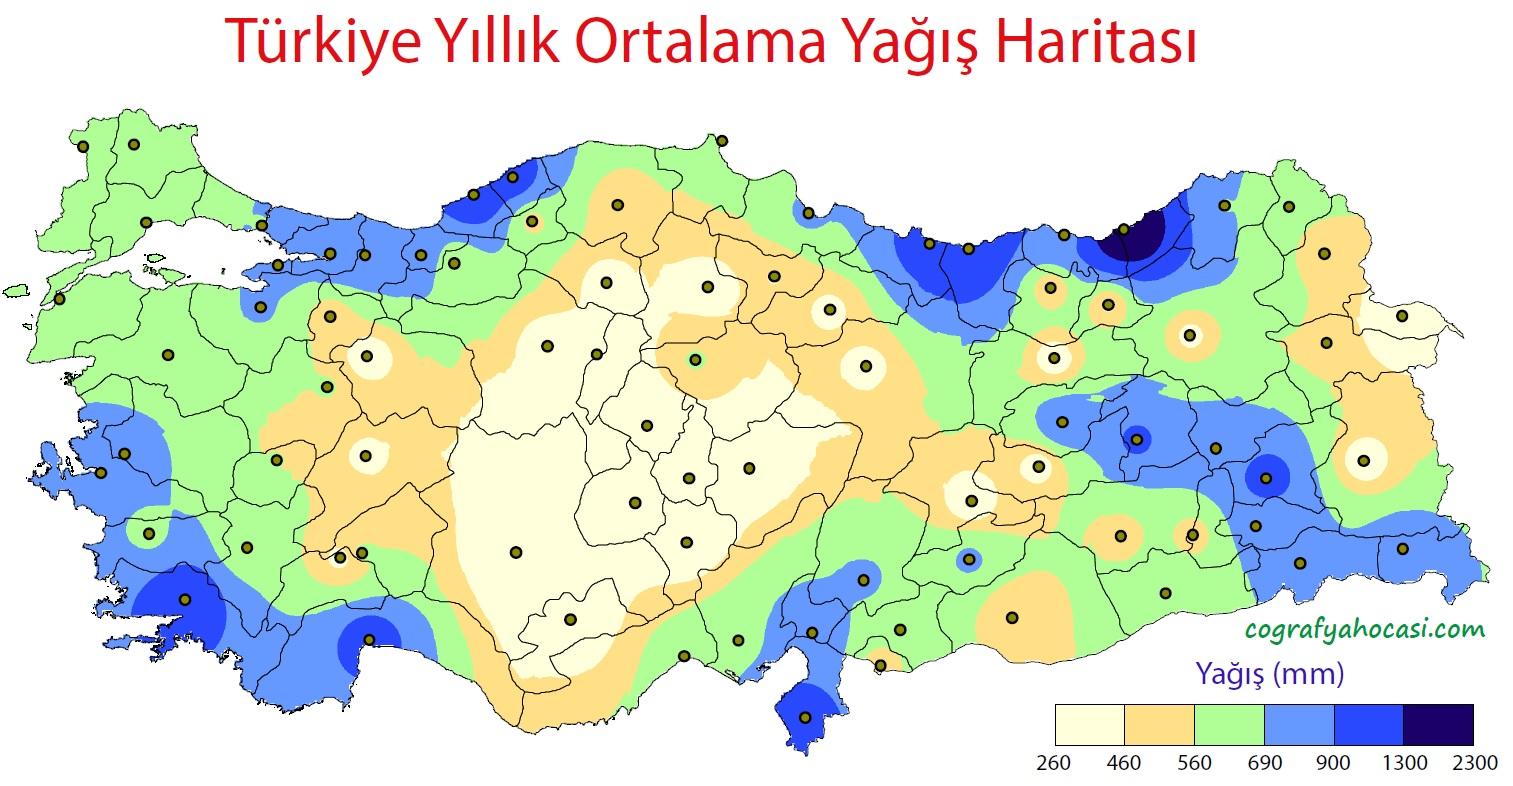 Türkiye'nin Yağış Dağılış Haritası